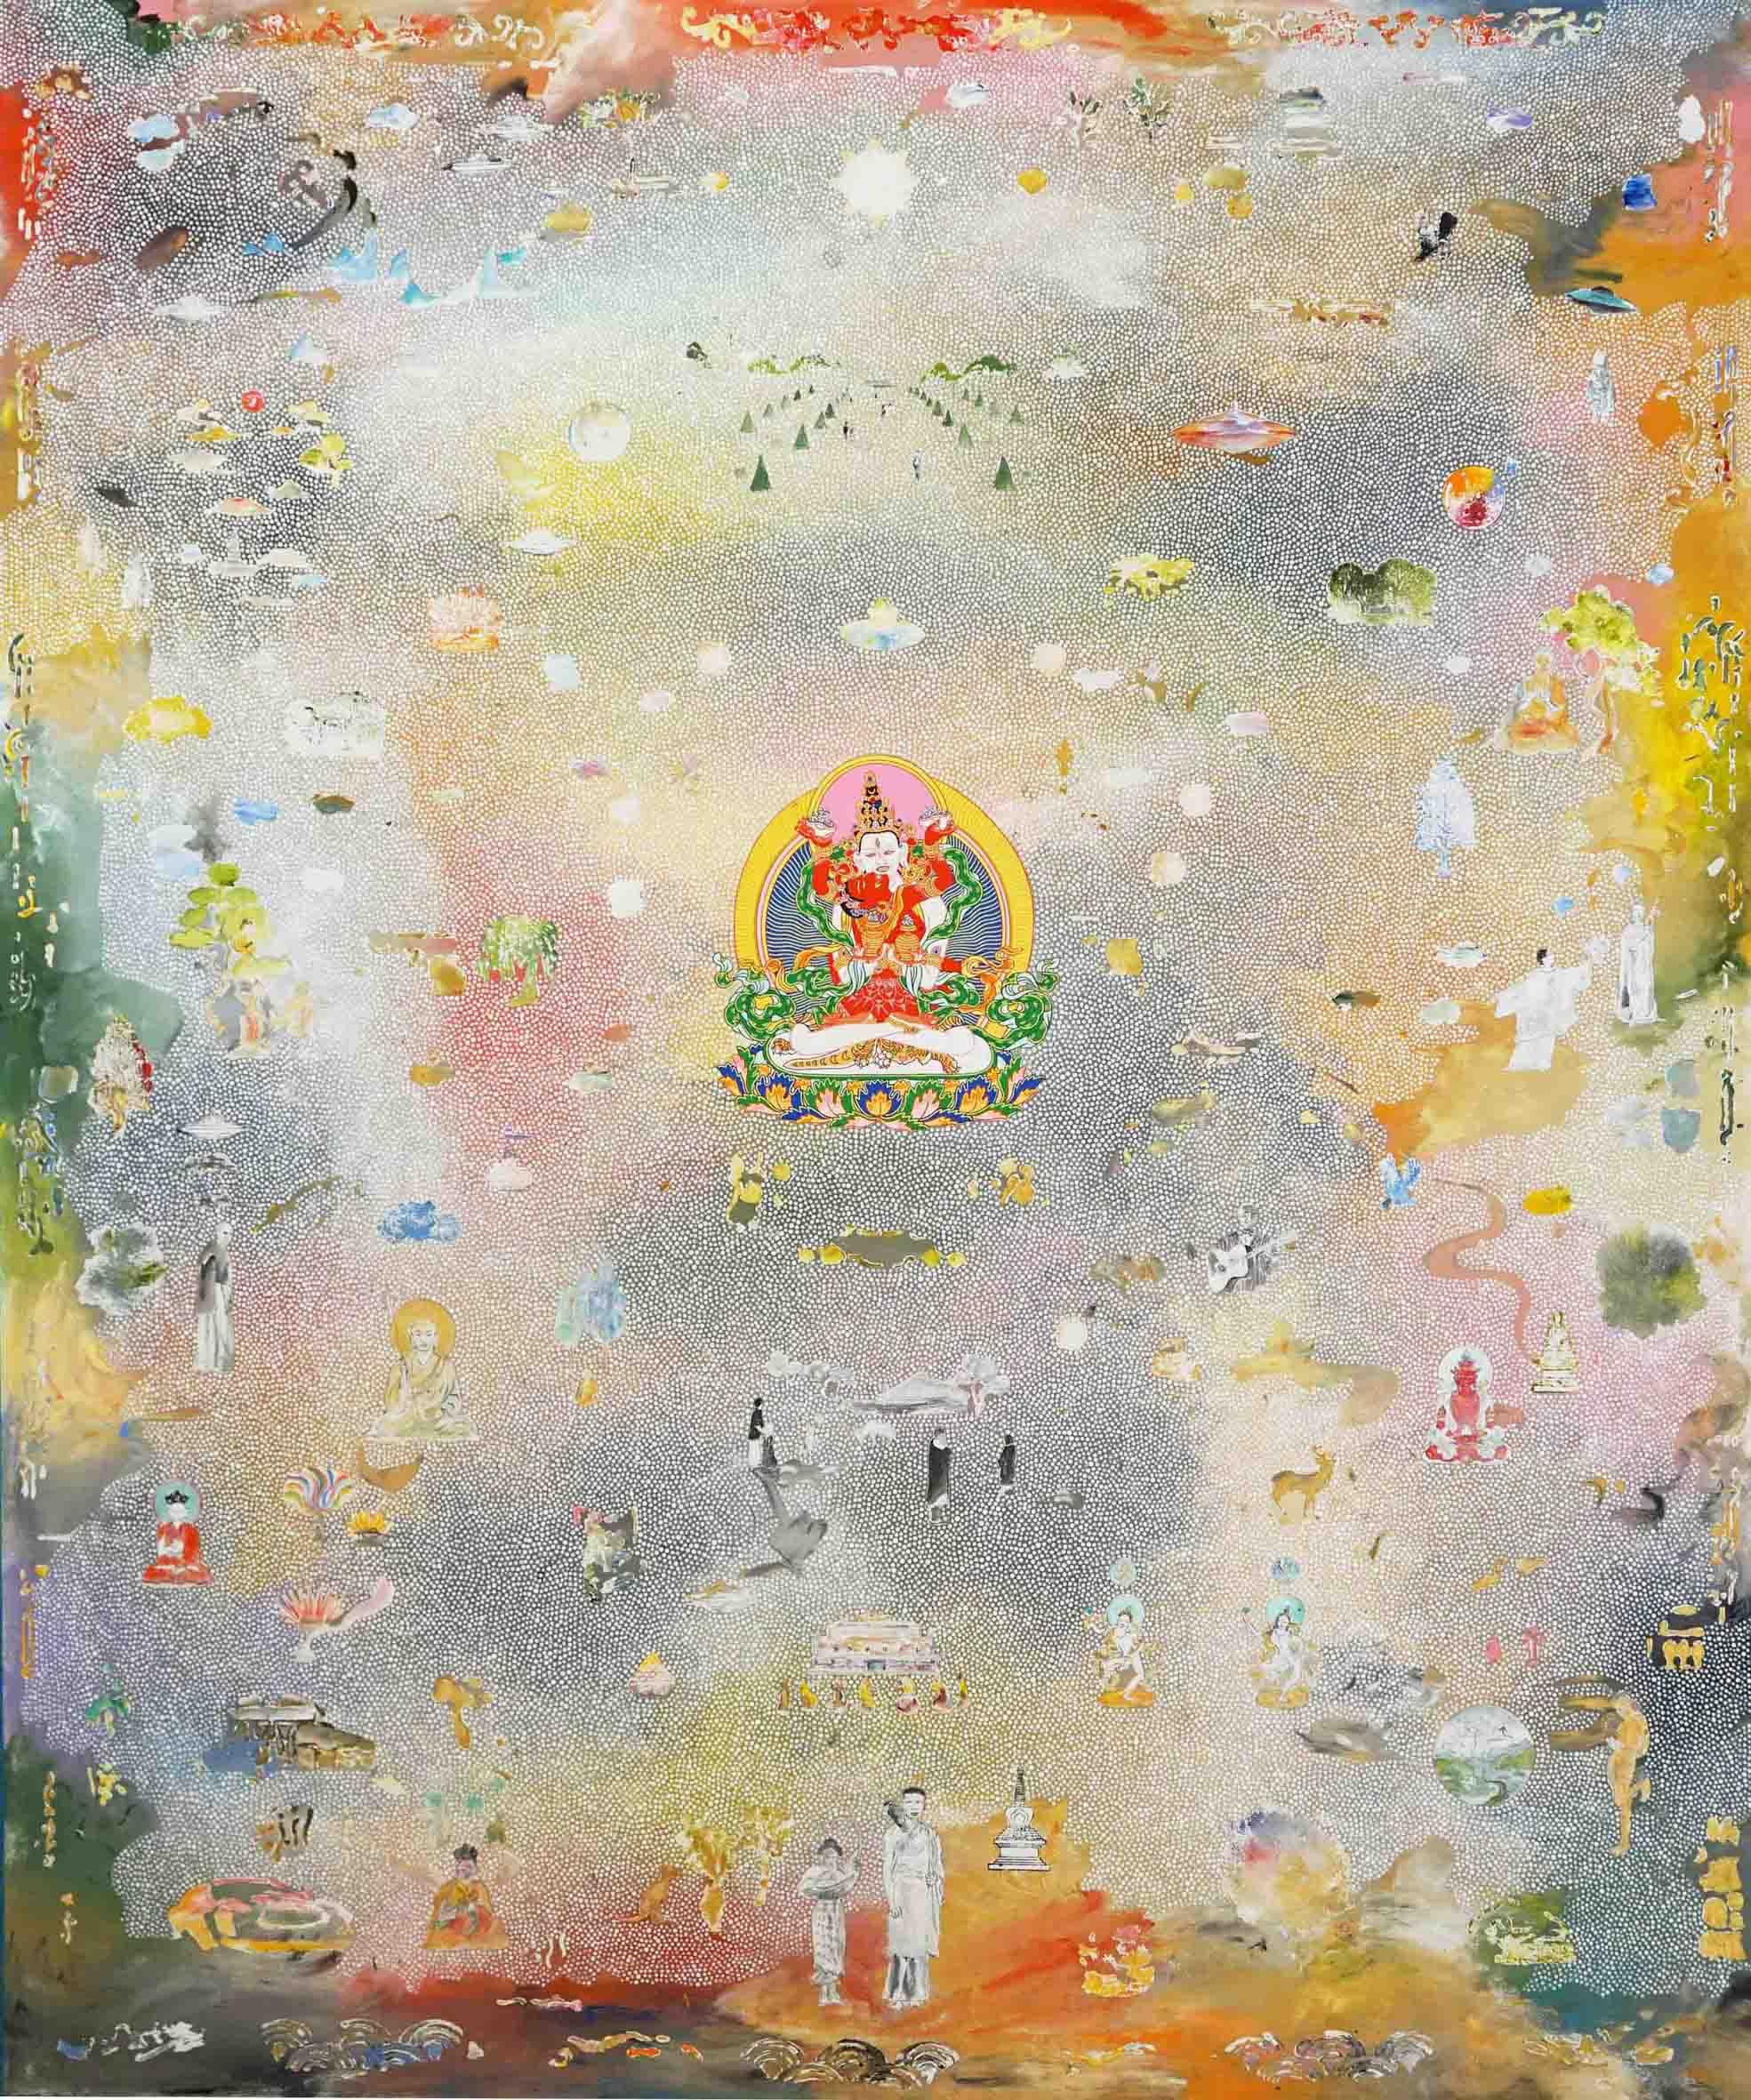 Tim Johnson and Daniel Bogunovic, 'Dadirri', 2019, acrylic on canvas, 183 x 152 cm